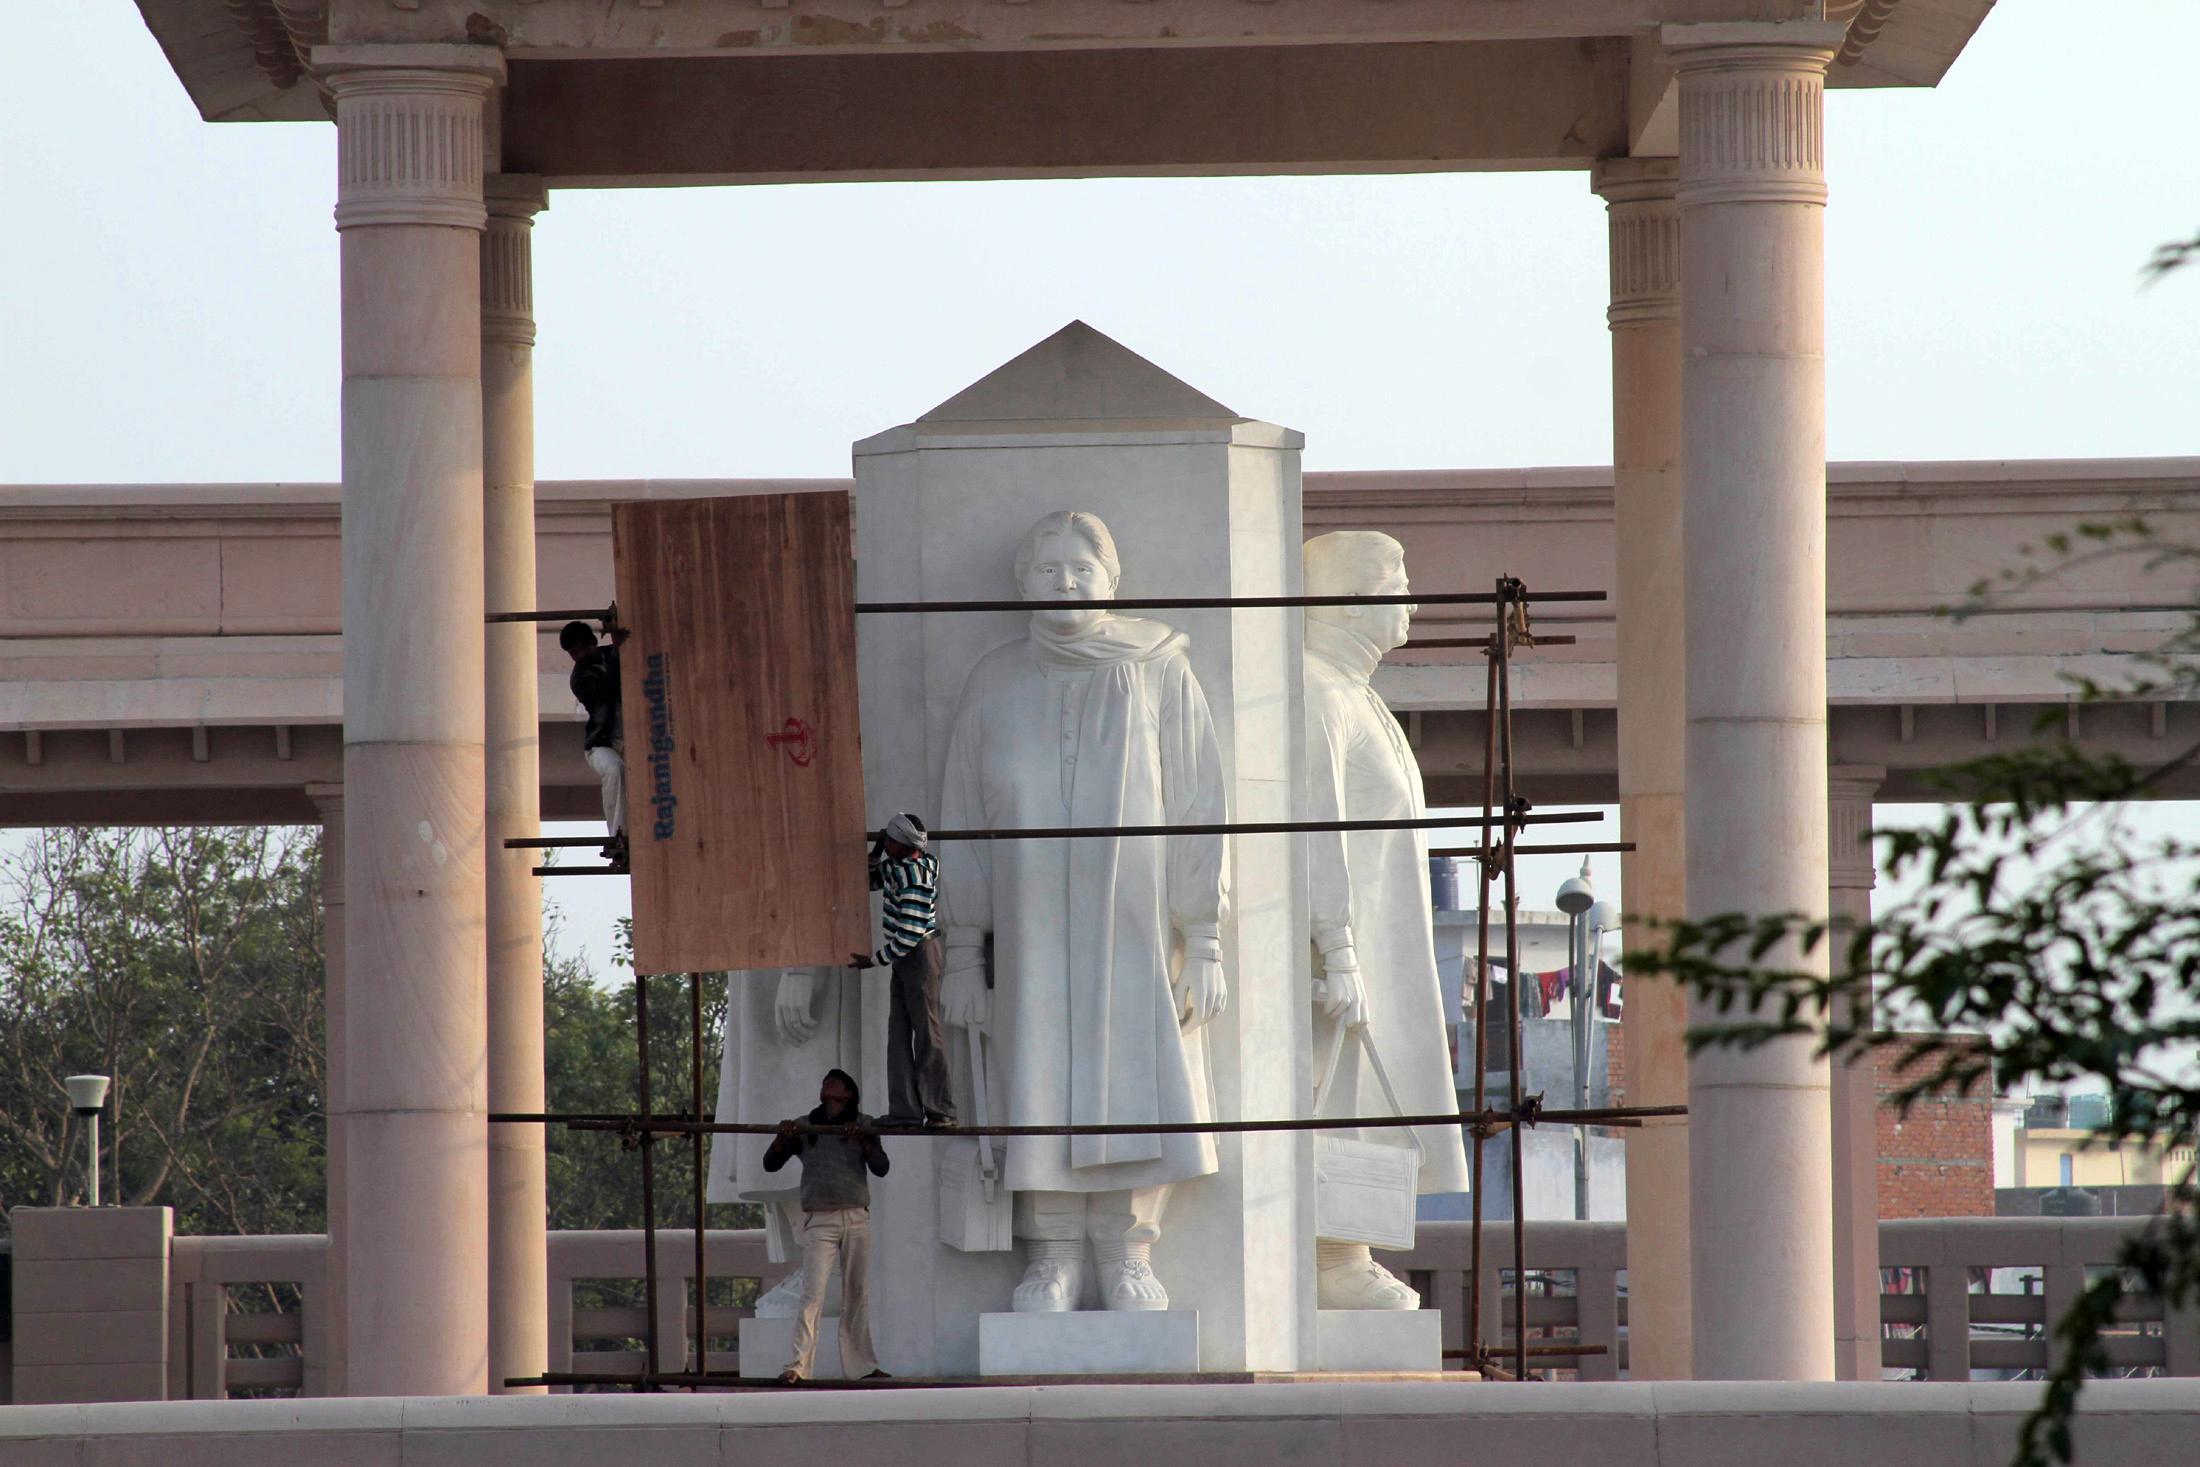 Керівництво індійського штату Уттар-Прадеш поспішає приховати від очей пам'ятники прем'єр-міністрові цього штату Майаваті Кумарі. Фото: MANAN VATSYAYANA/Getty Images